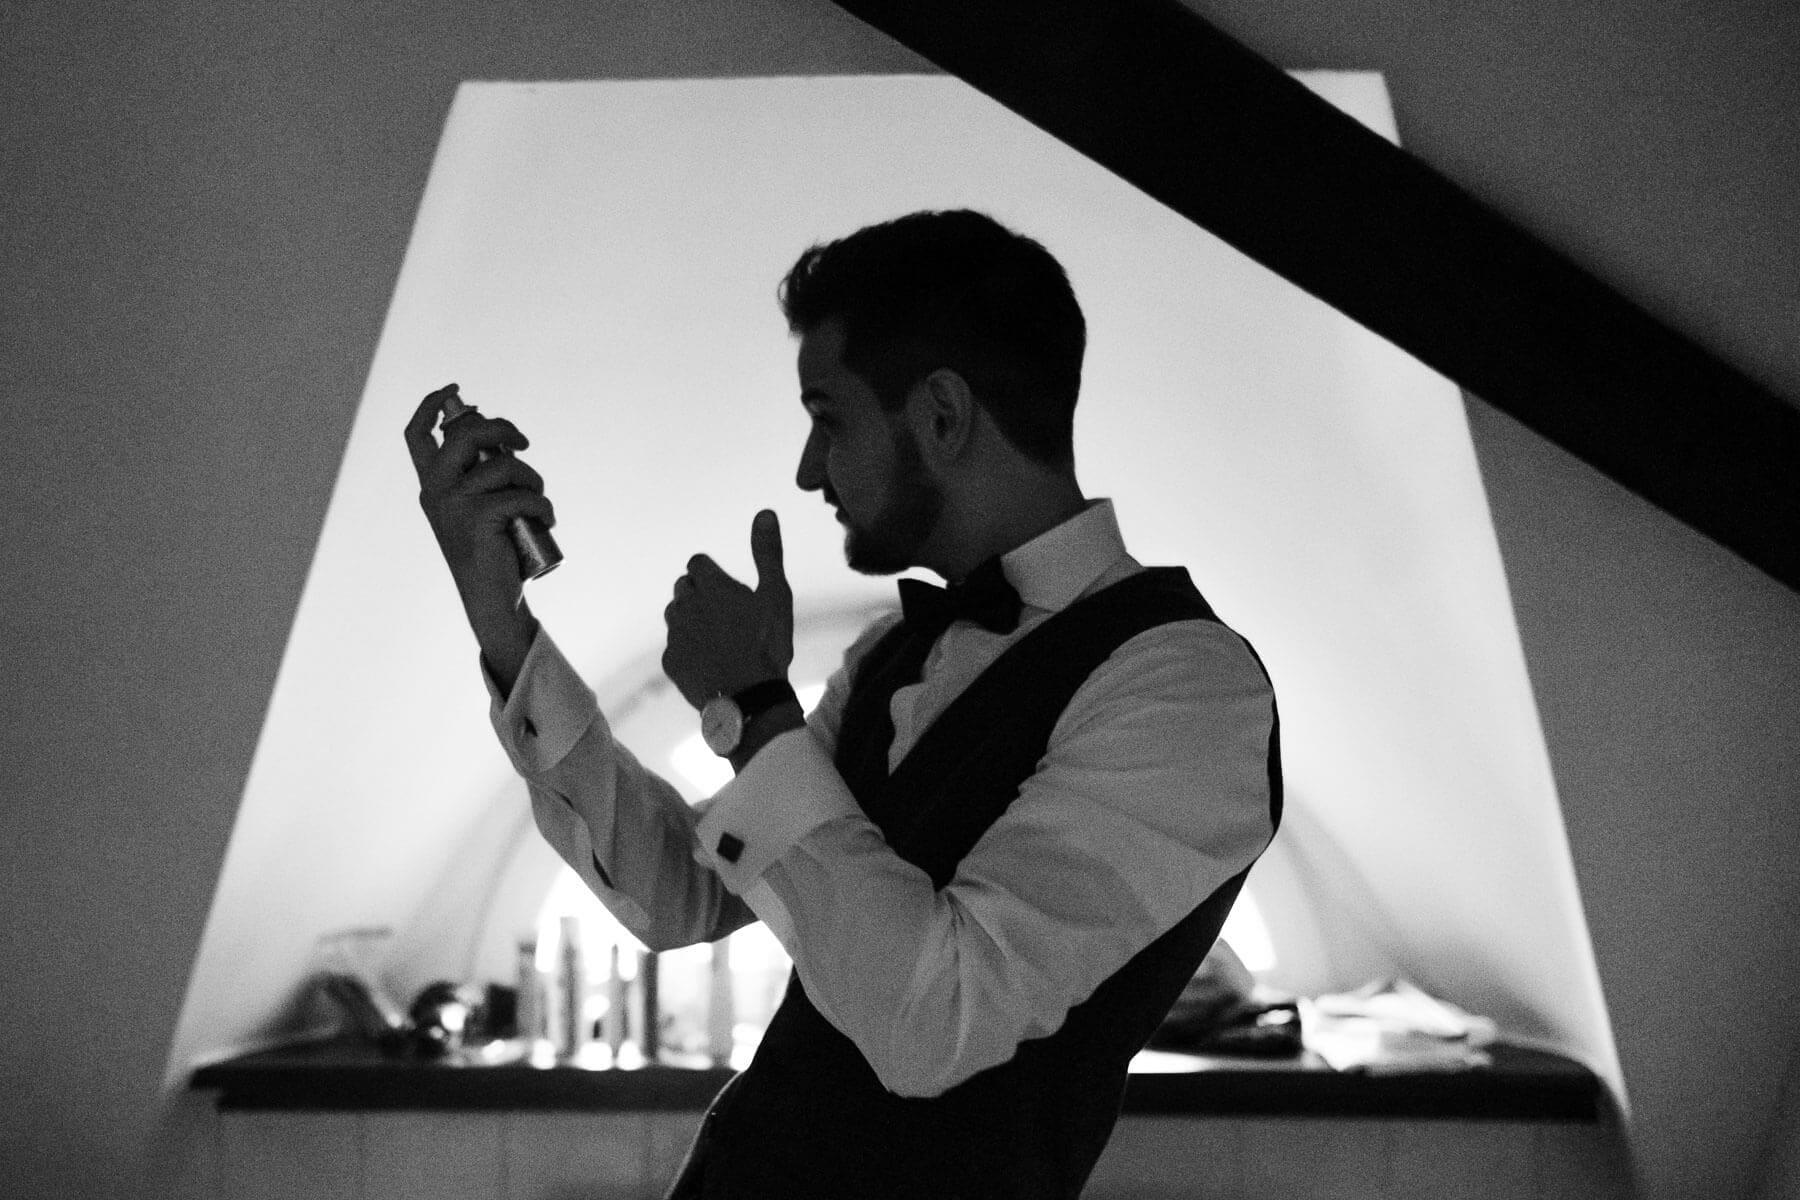 der Bräutigam steht in einem Dachzimmer in einem Landhaus, er trägt ein weißes Hemd, eine Weste und eine Fliege, er hält Haarspray in der Hand und richtet sich seine Haare